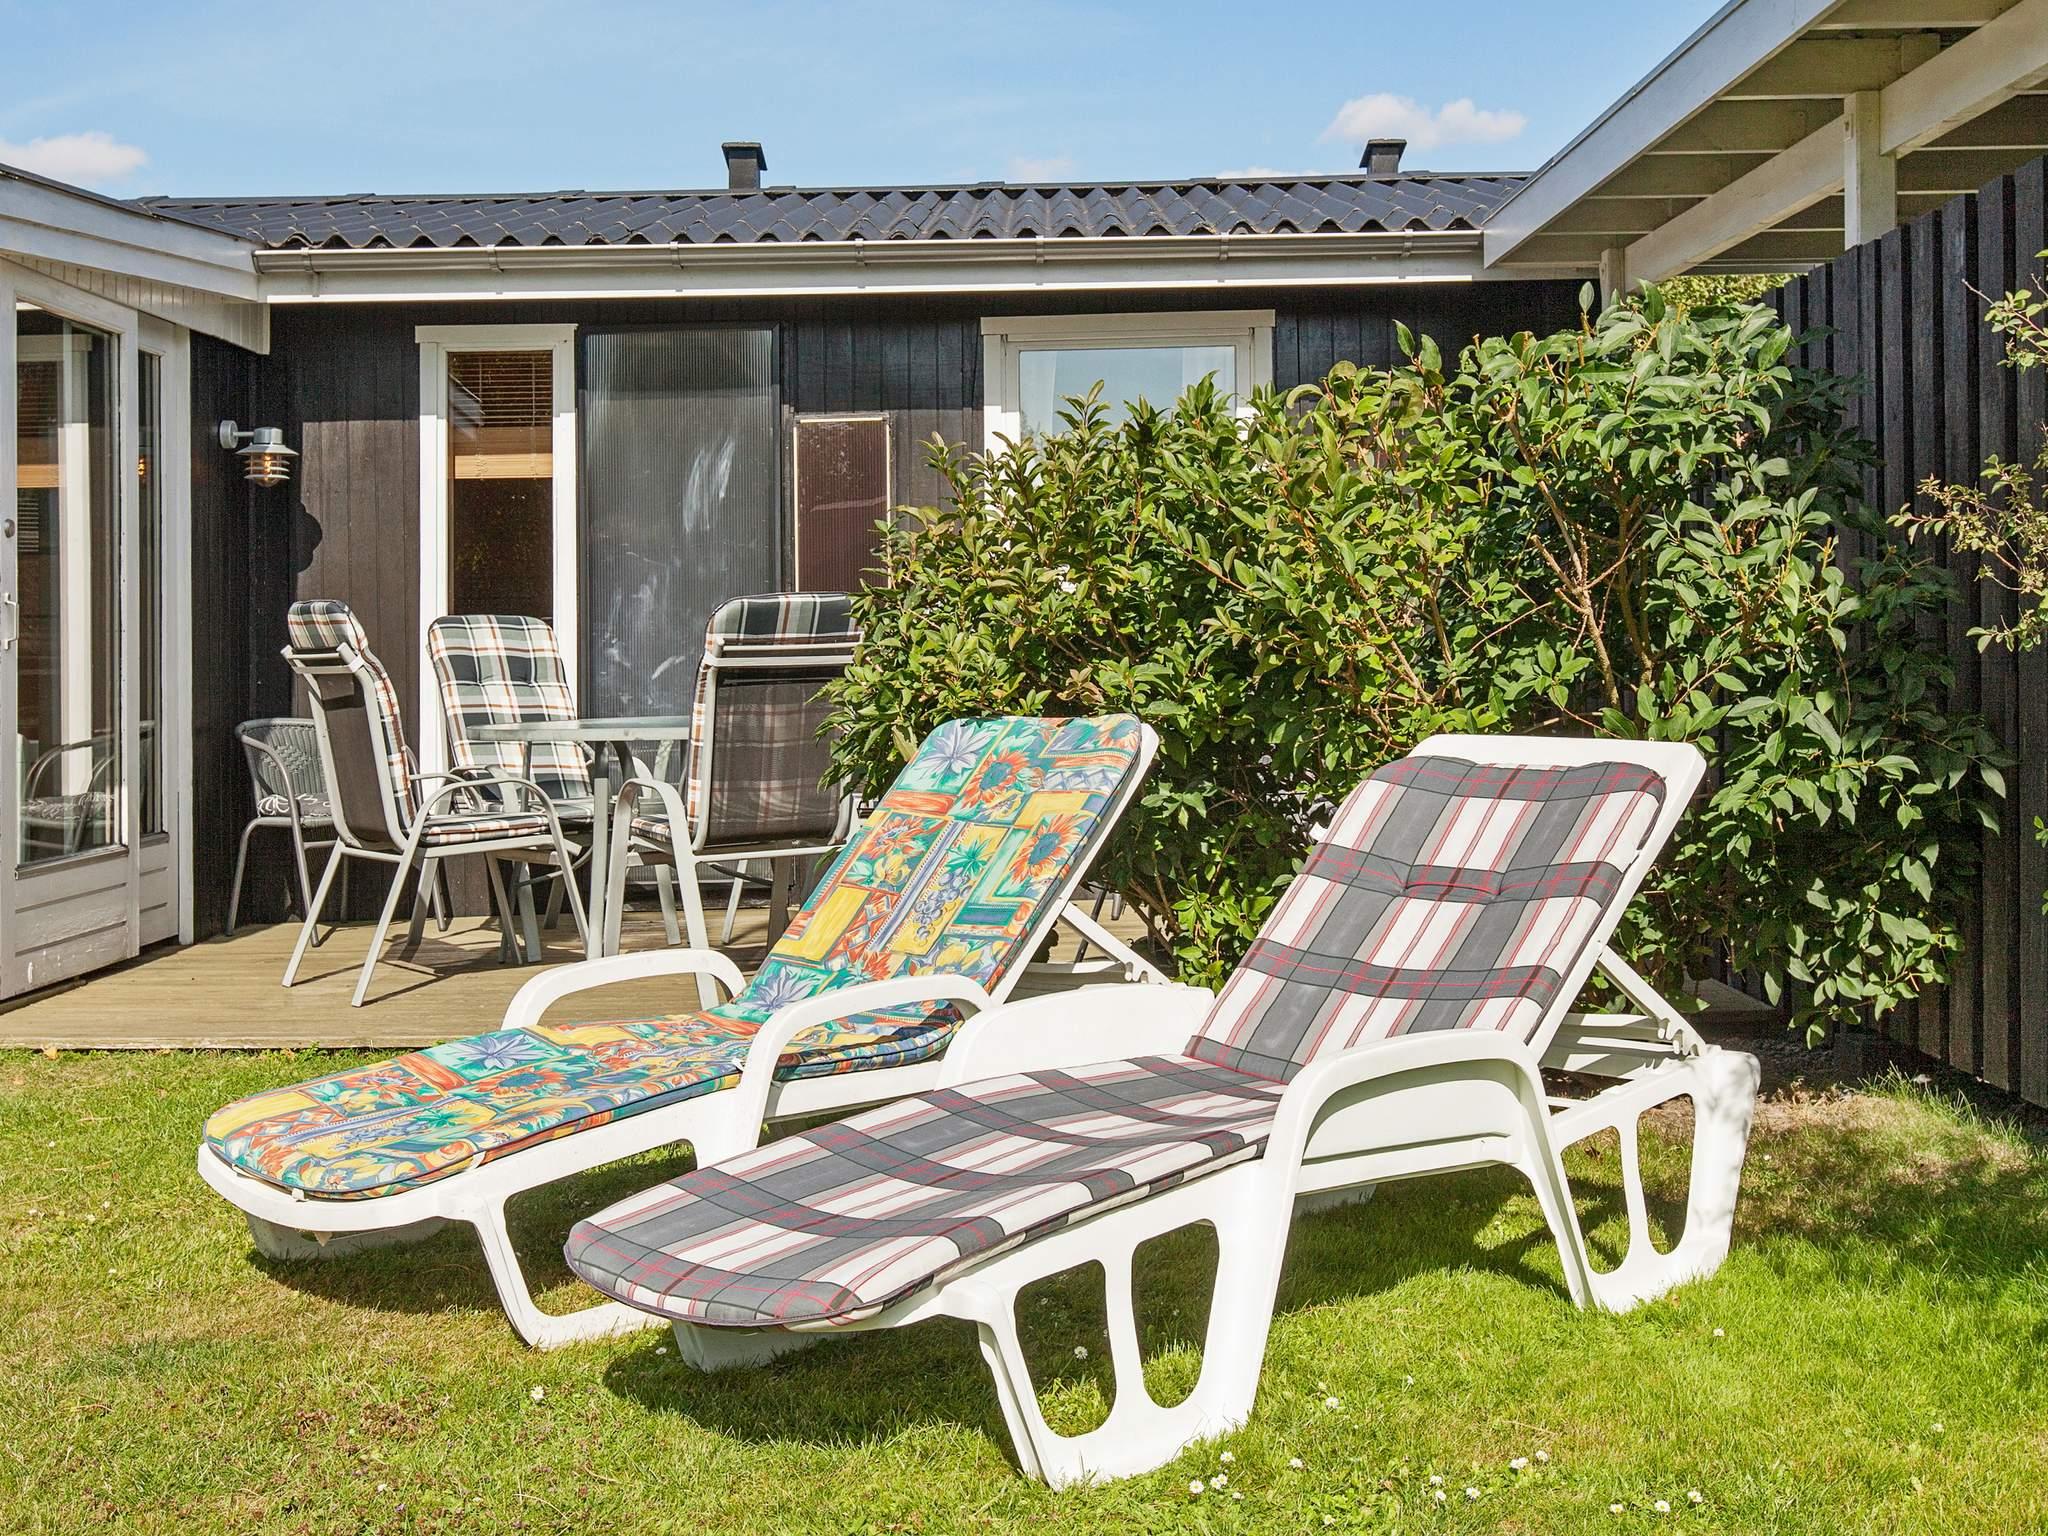 Ferienhaus Hummingen (87269), Hummingen, , Lolland, Dänemark, Bild 21